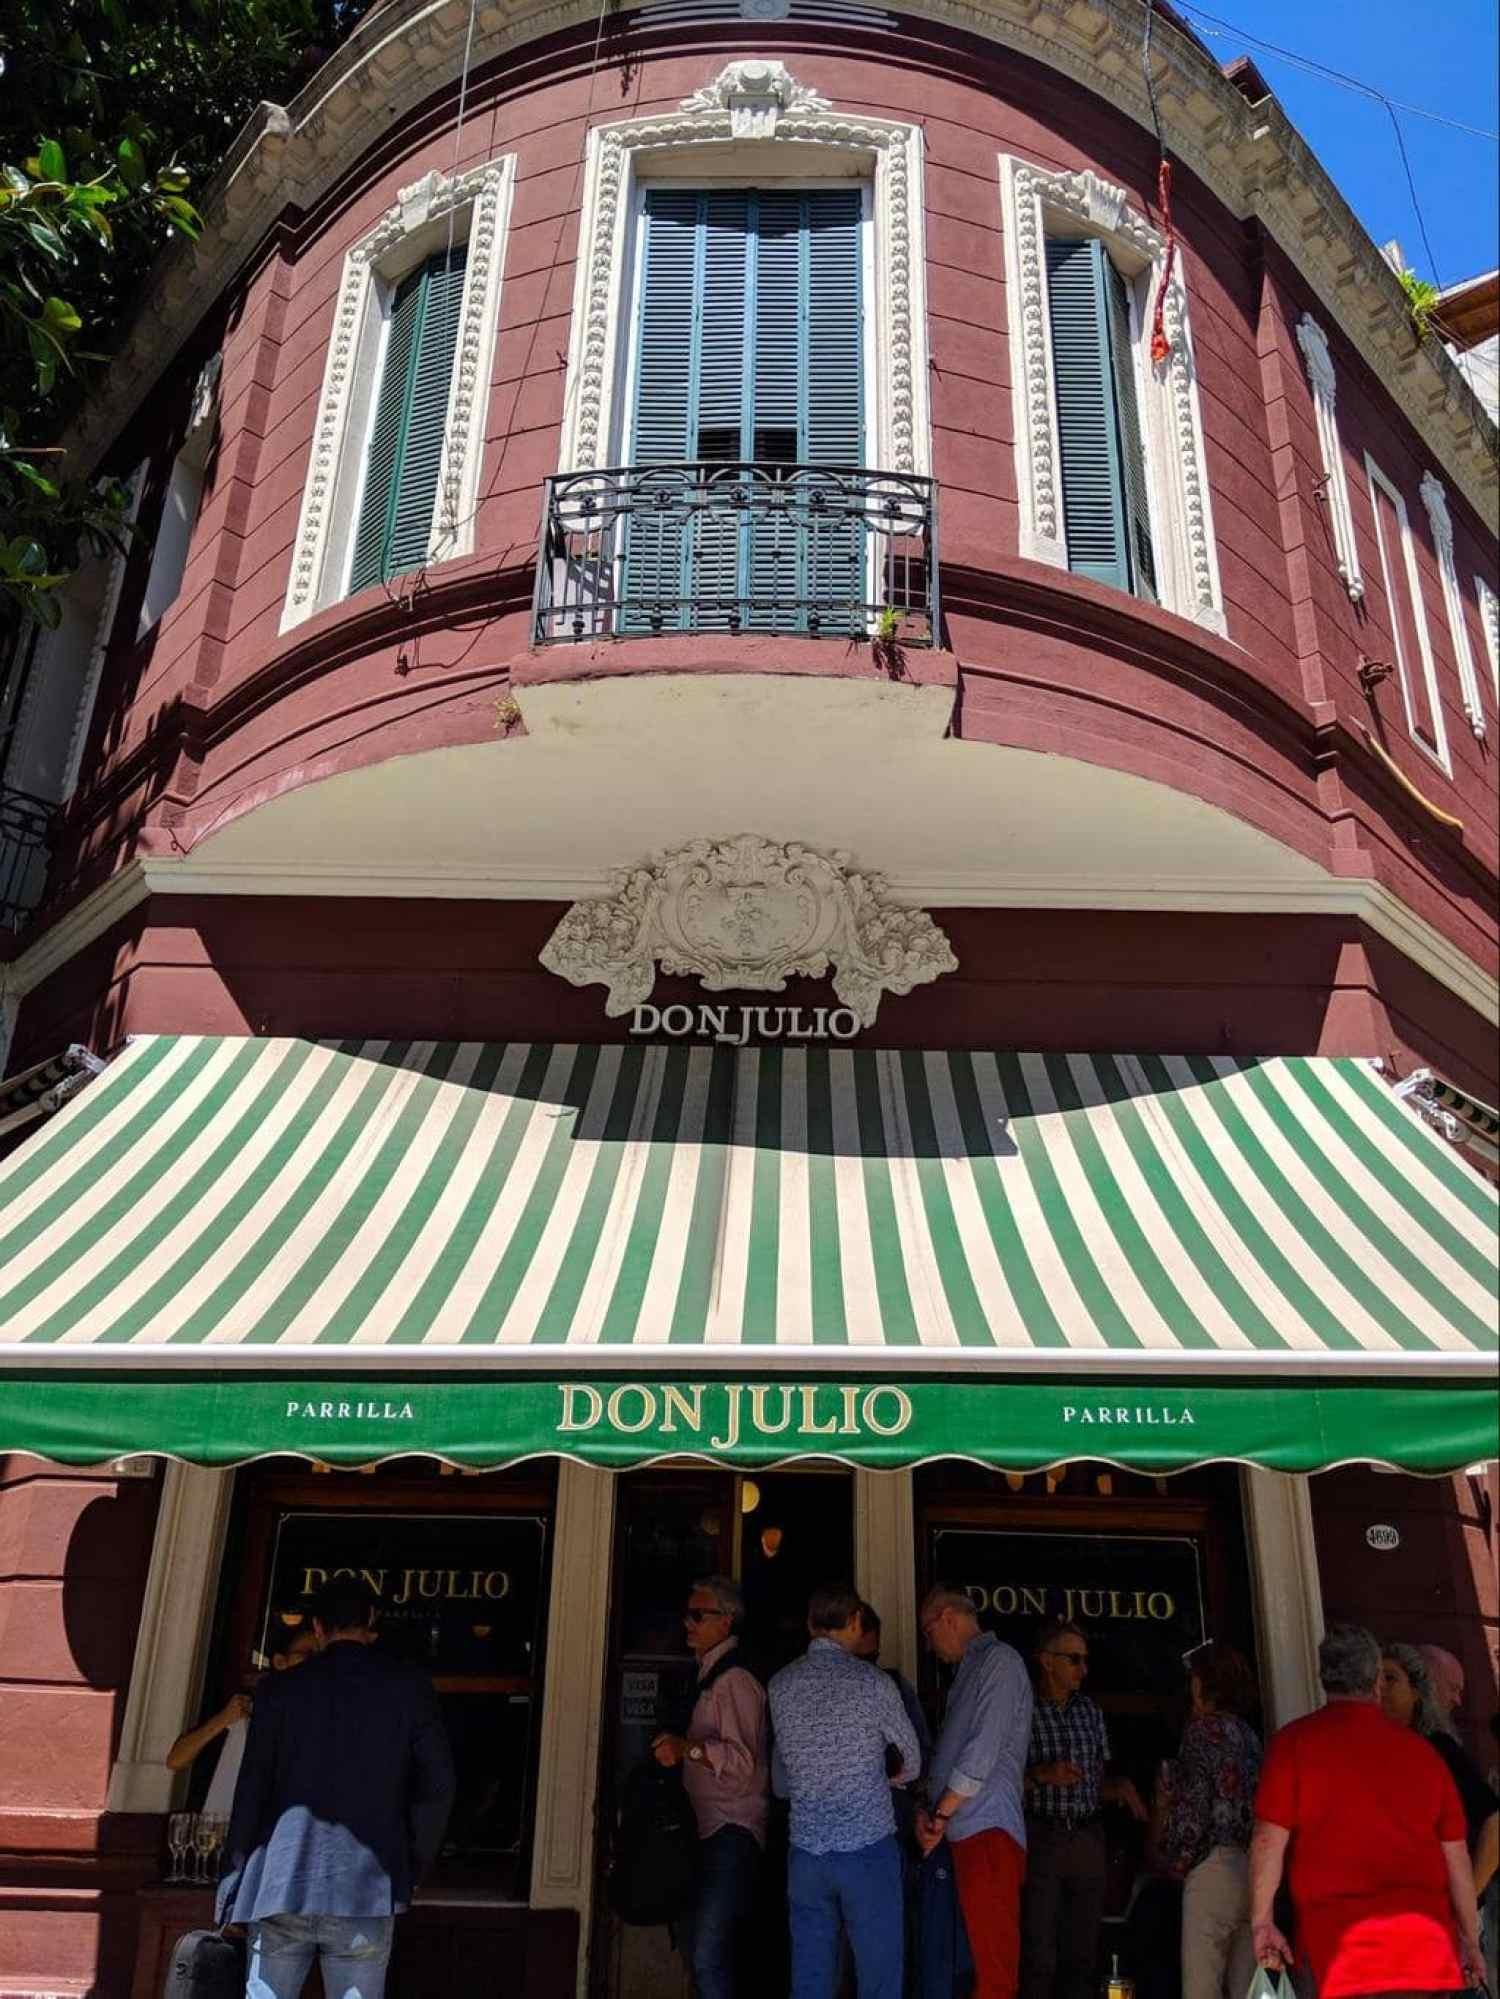 Don Julio